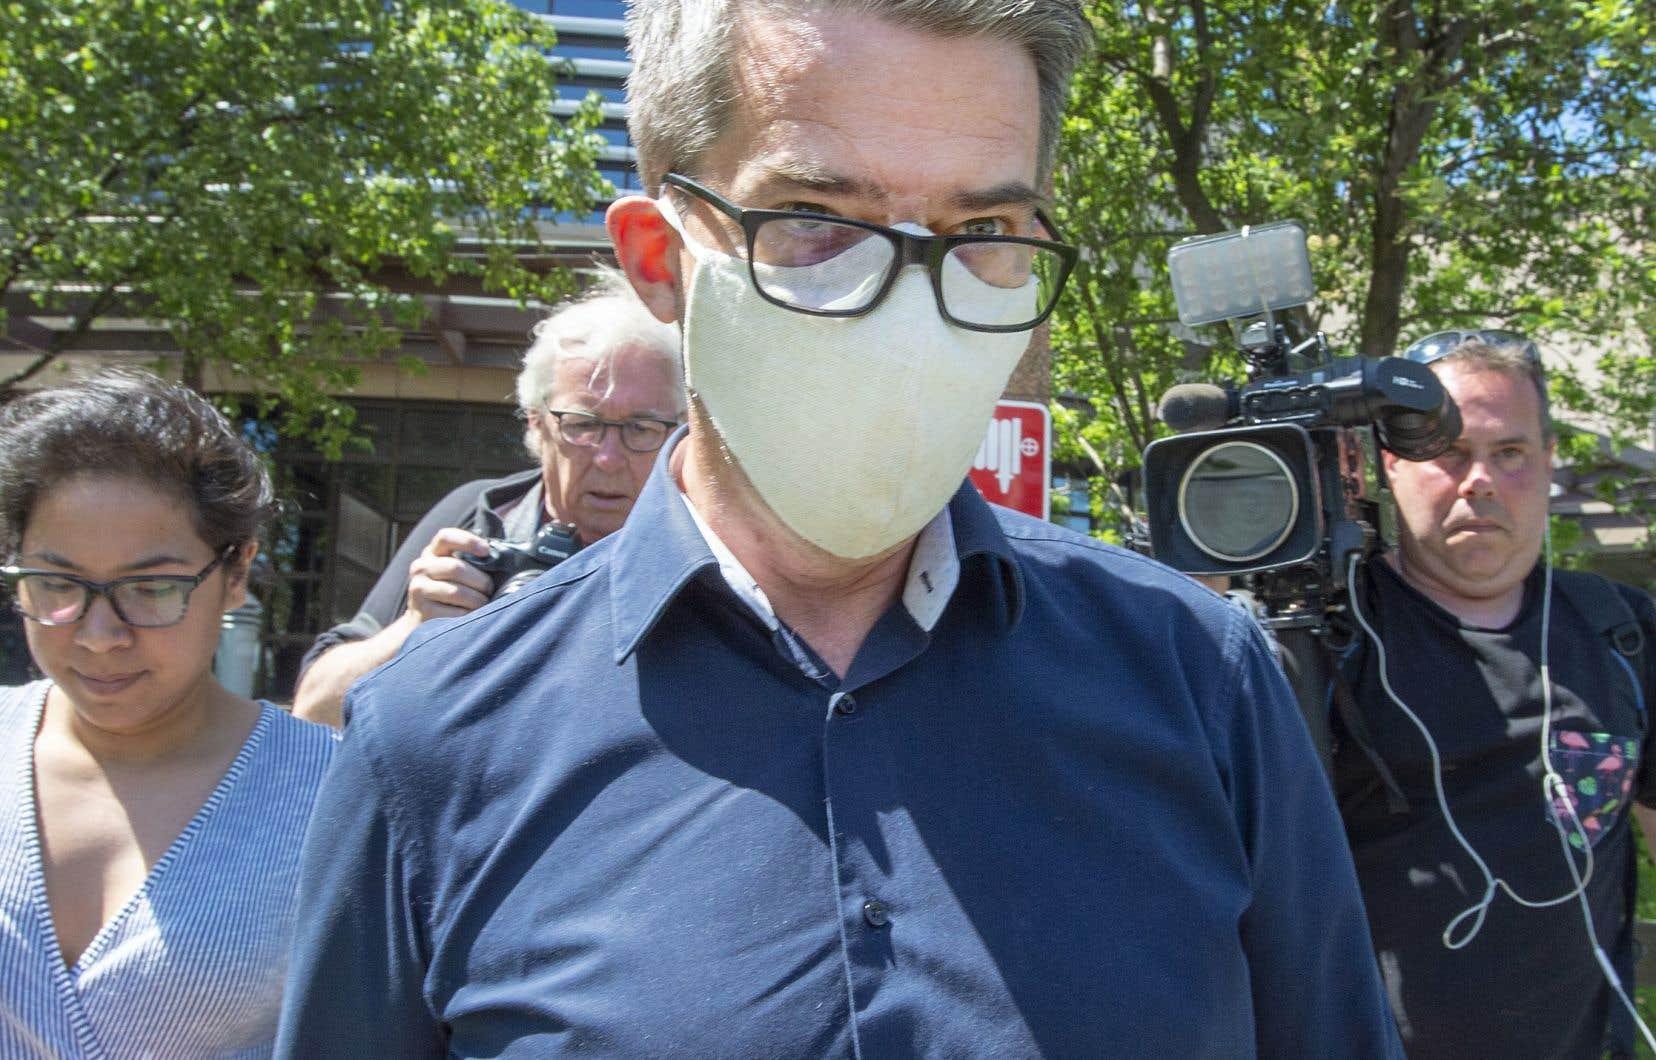 André Boisclair a été arrêté en mai 2020 pour répondre à des accusations concernant des événements qui se seraient déroulés en janvier 2014.